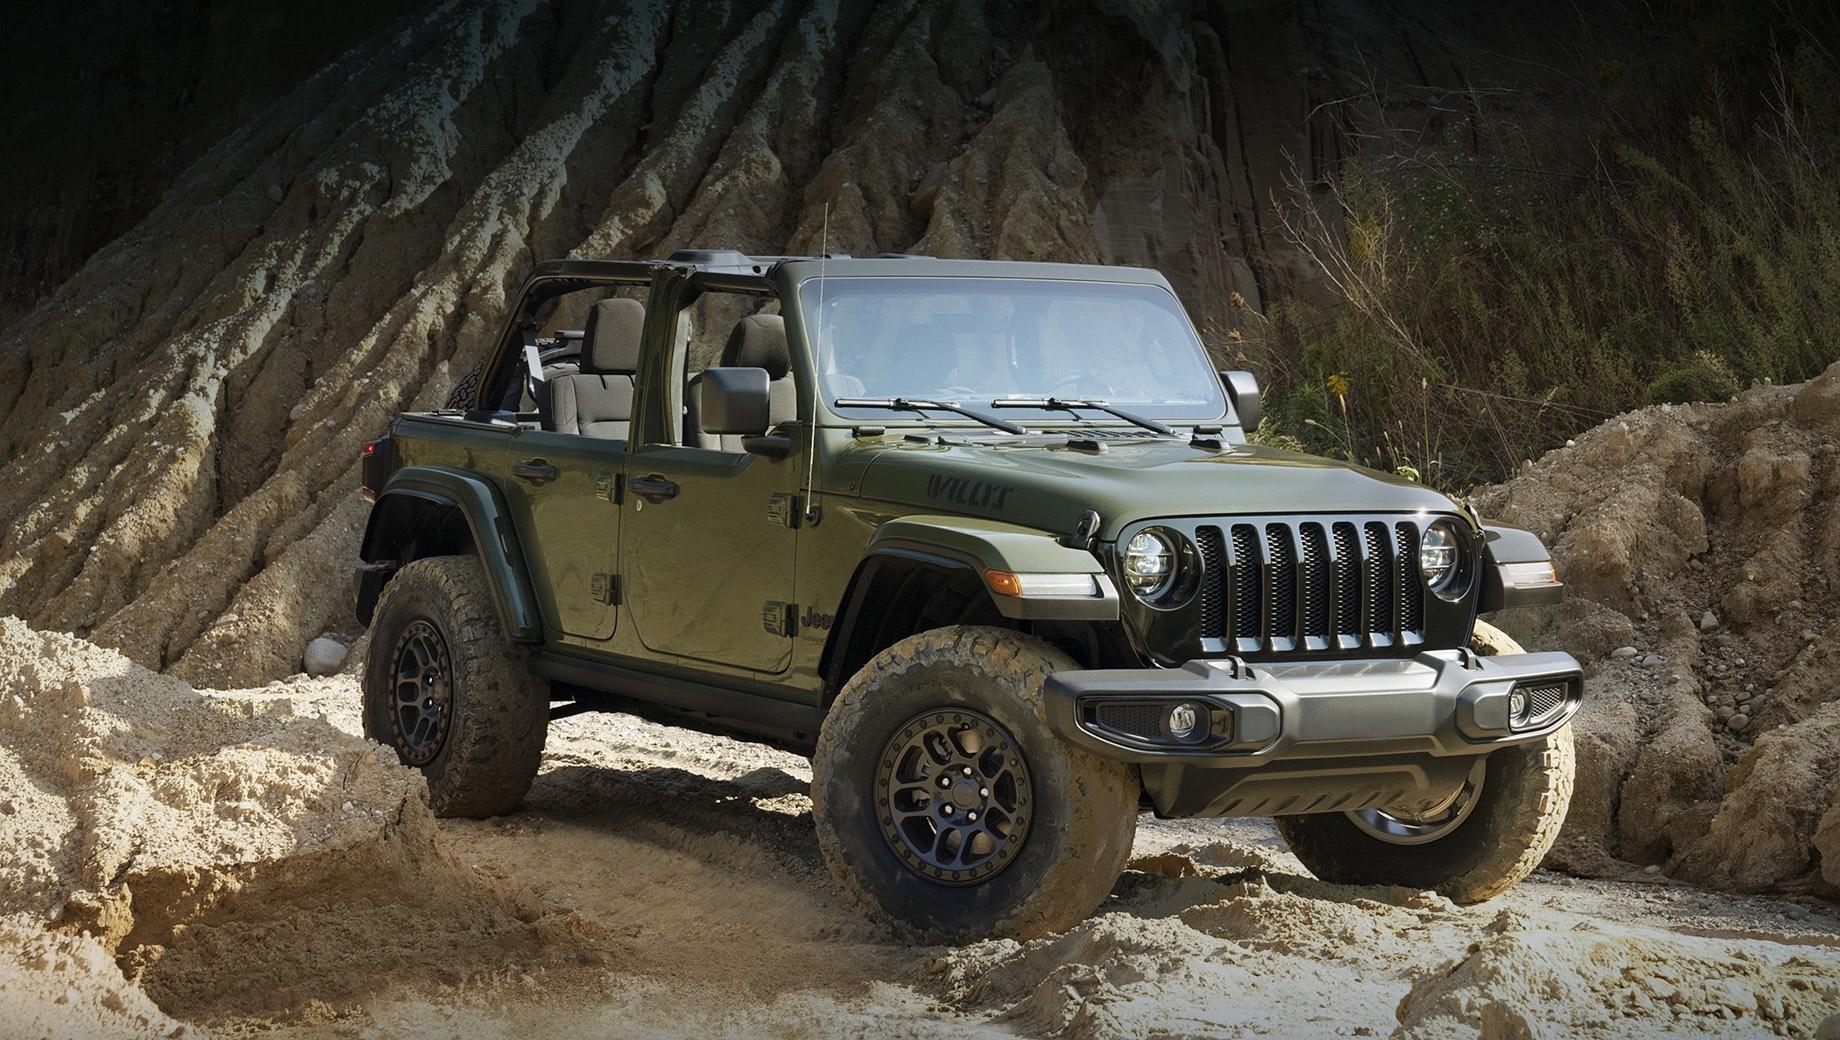 Jeep wrangler. Wrangler с клиренсом в 12,9 дюйма (328 мм) задуман как сюрприз для фестиваля Detroit 4Fest, который пройдёт 25–26 сентября в деревне Холли. Исполнение Willys наряду с цветом хаки (Sarge Green) окрашивается ещё в восемь оттенков с теми же наклейками на капоте.